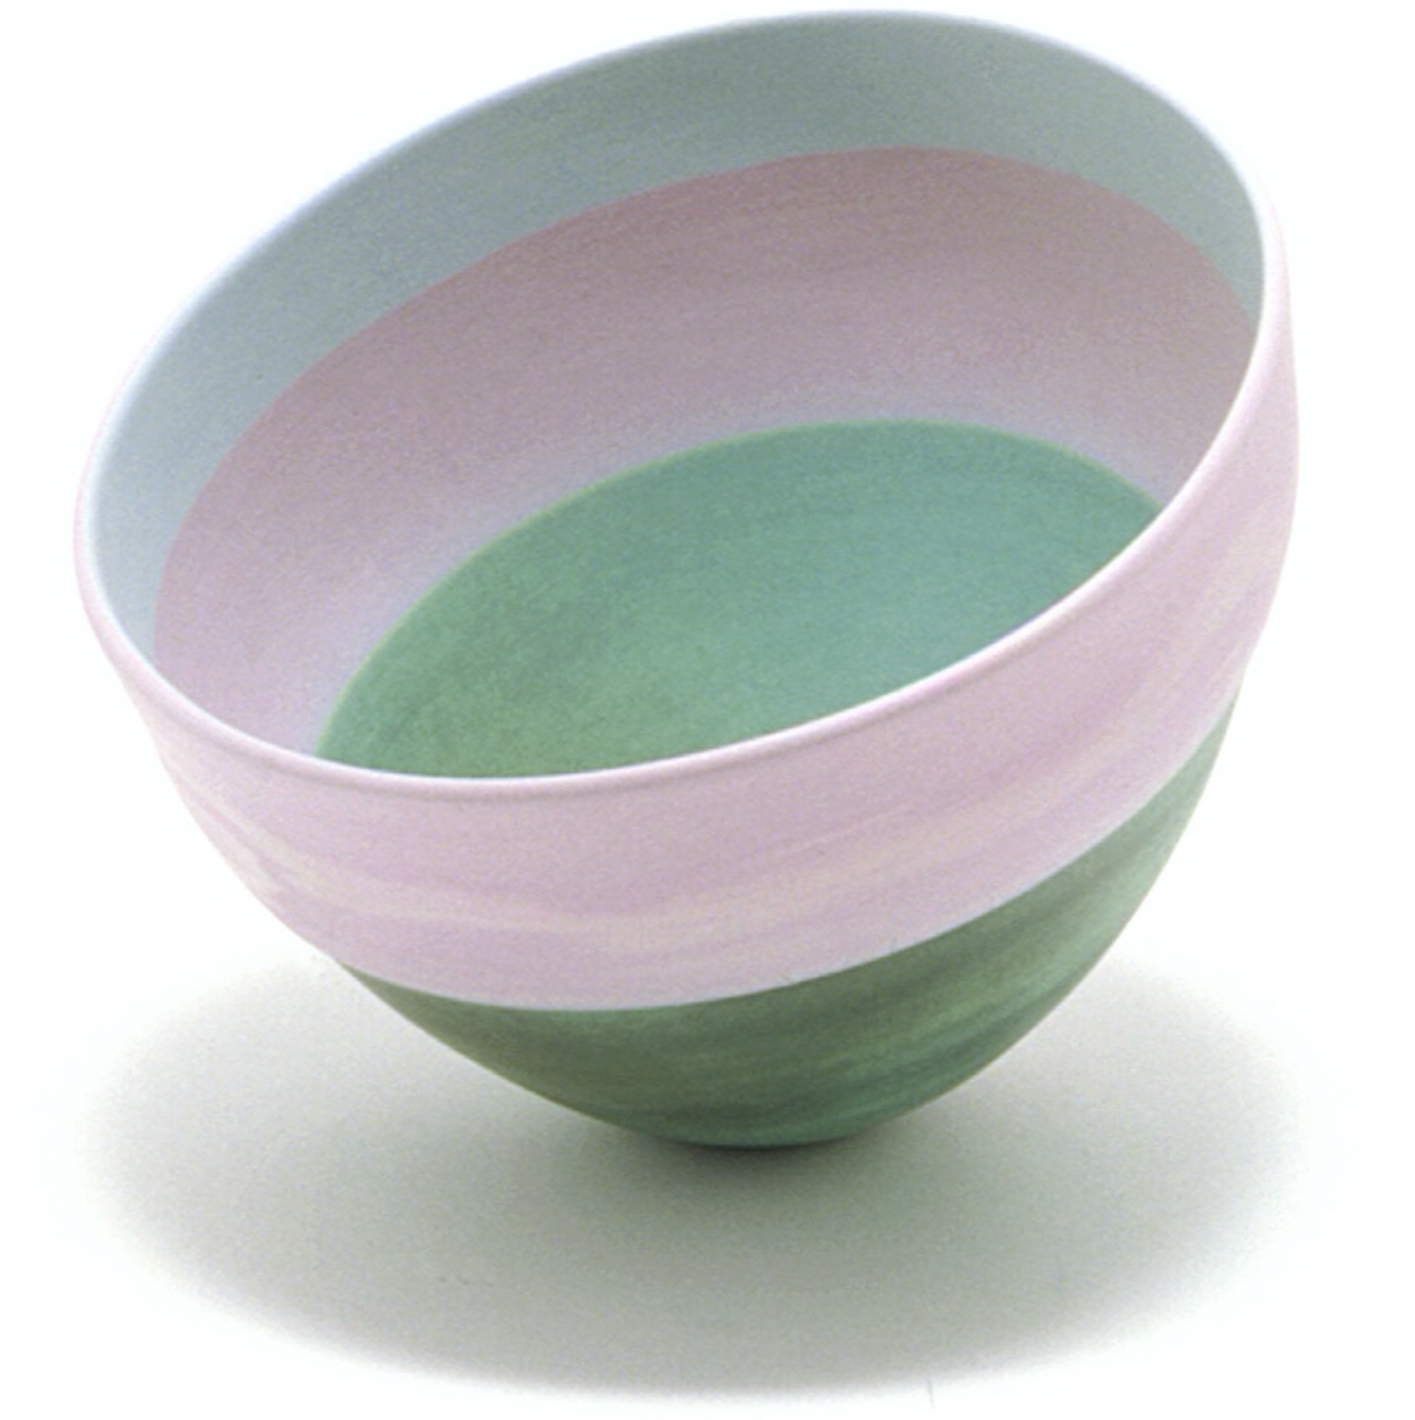 Coupe gris, rose, vert (n°V59)